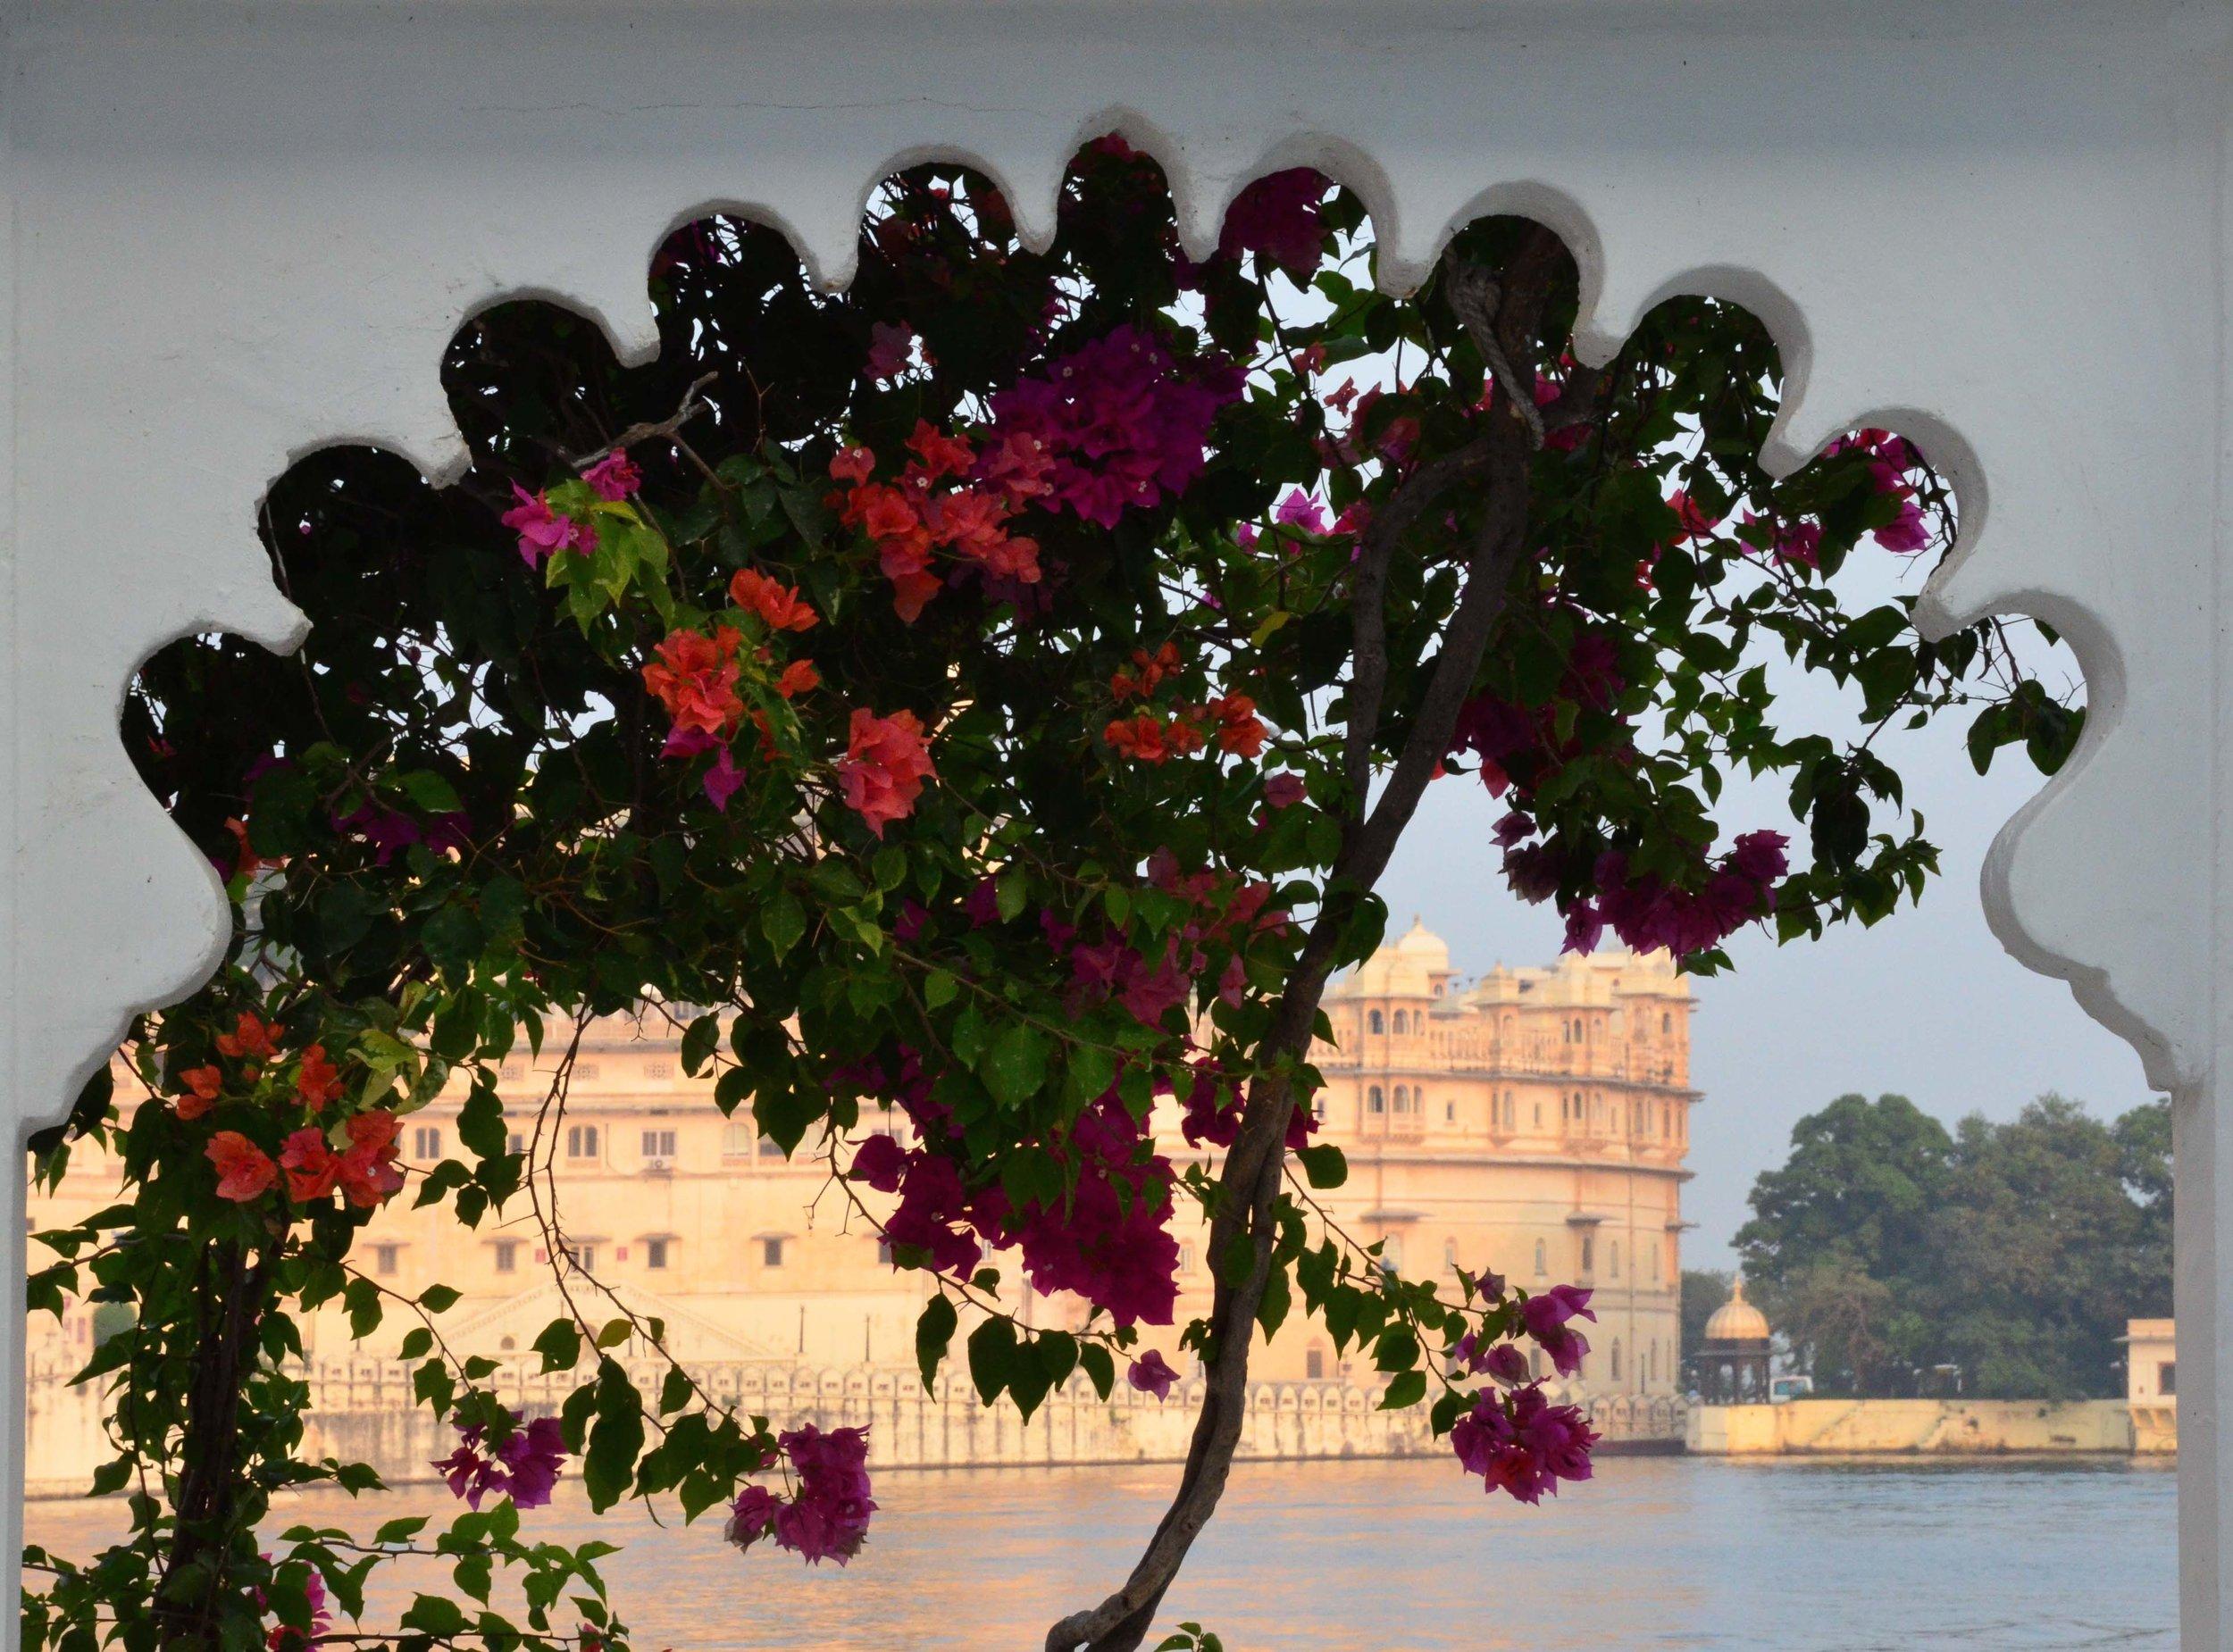 Udaipur, India 2012